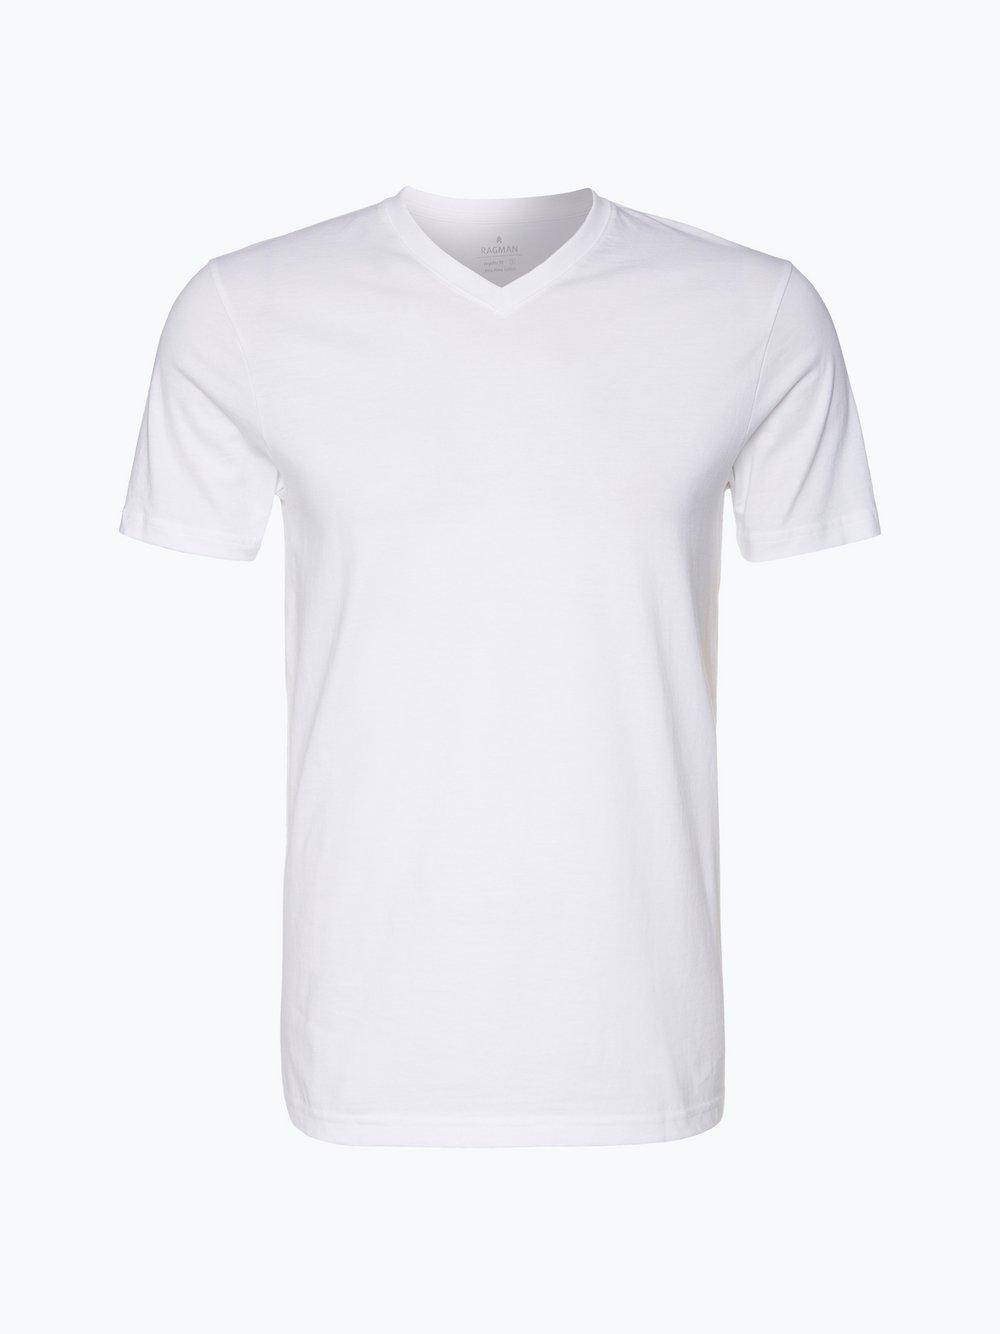 Ragman – T-shirty męskie pakowane po 2 szt., biały Van Graaf 336299-0001-09970